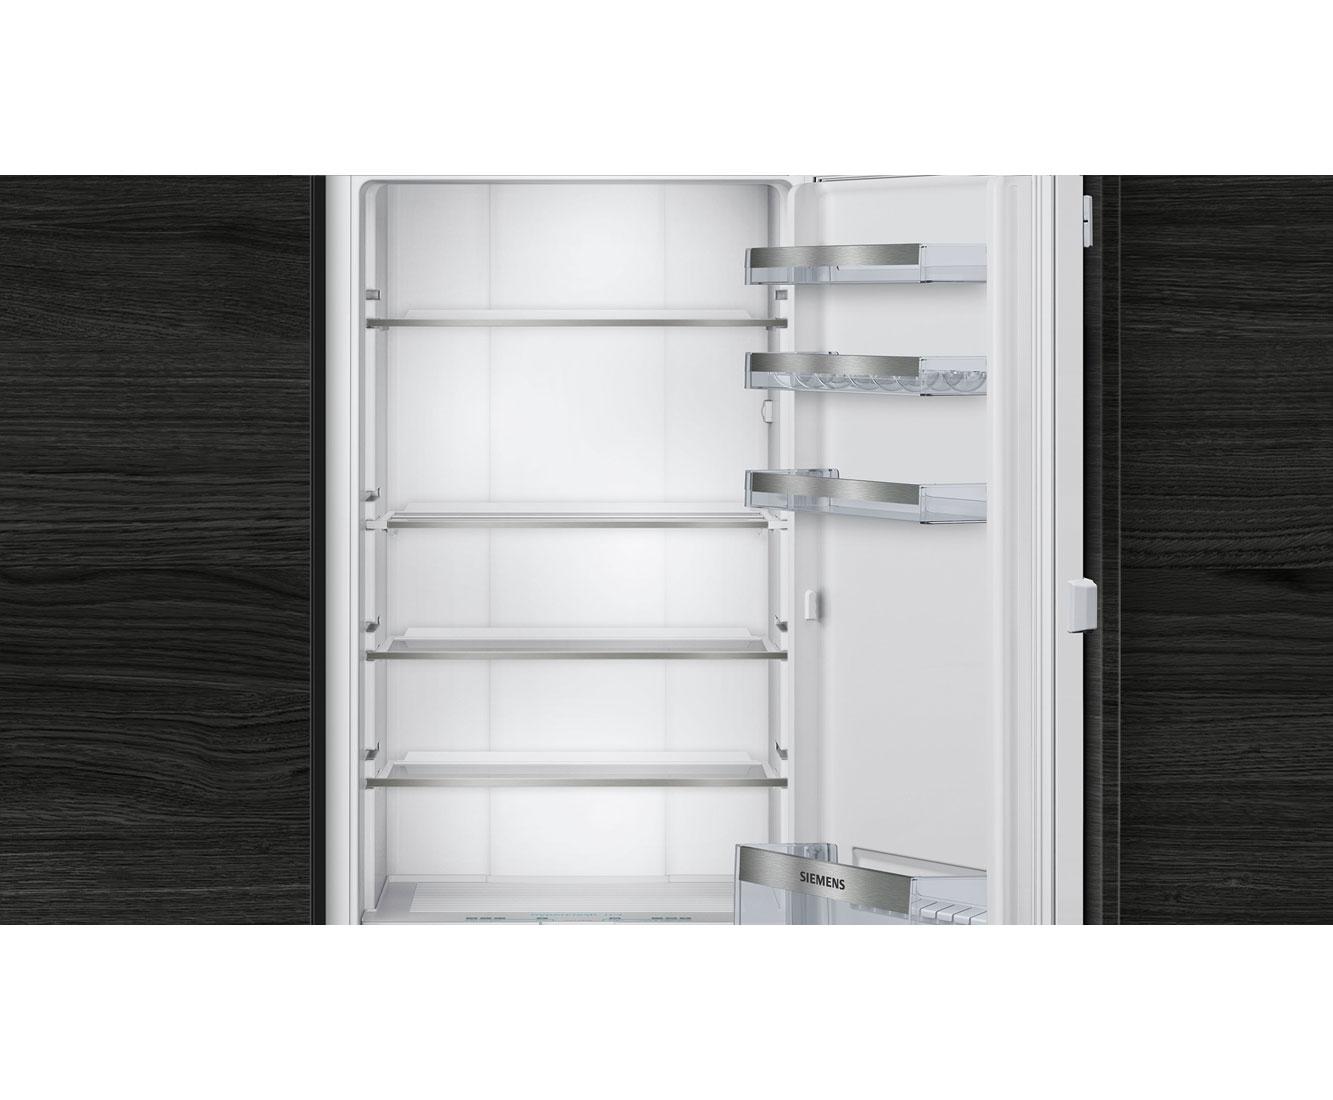 Siemens Kühlschrank Festtür Einbau : Siemens iq ki fad einbau kühlschrank festtür technik a